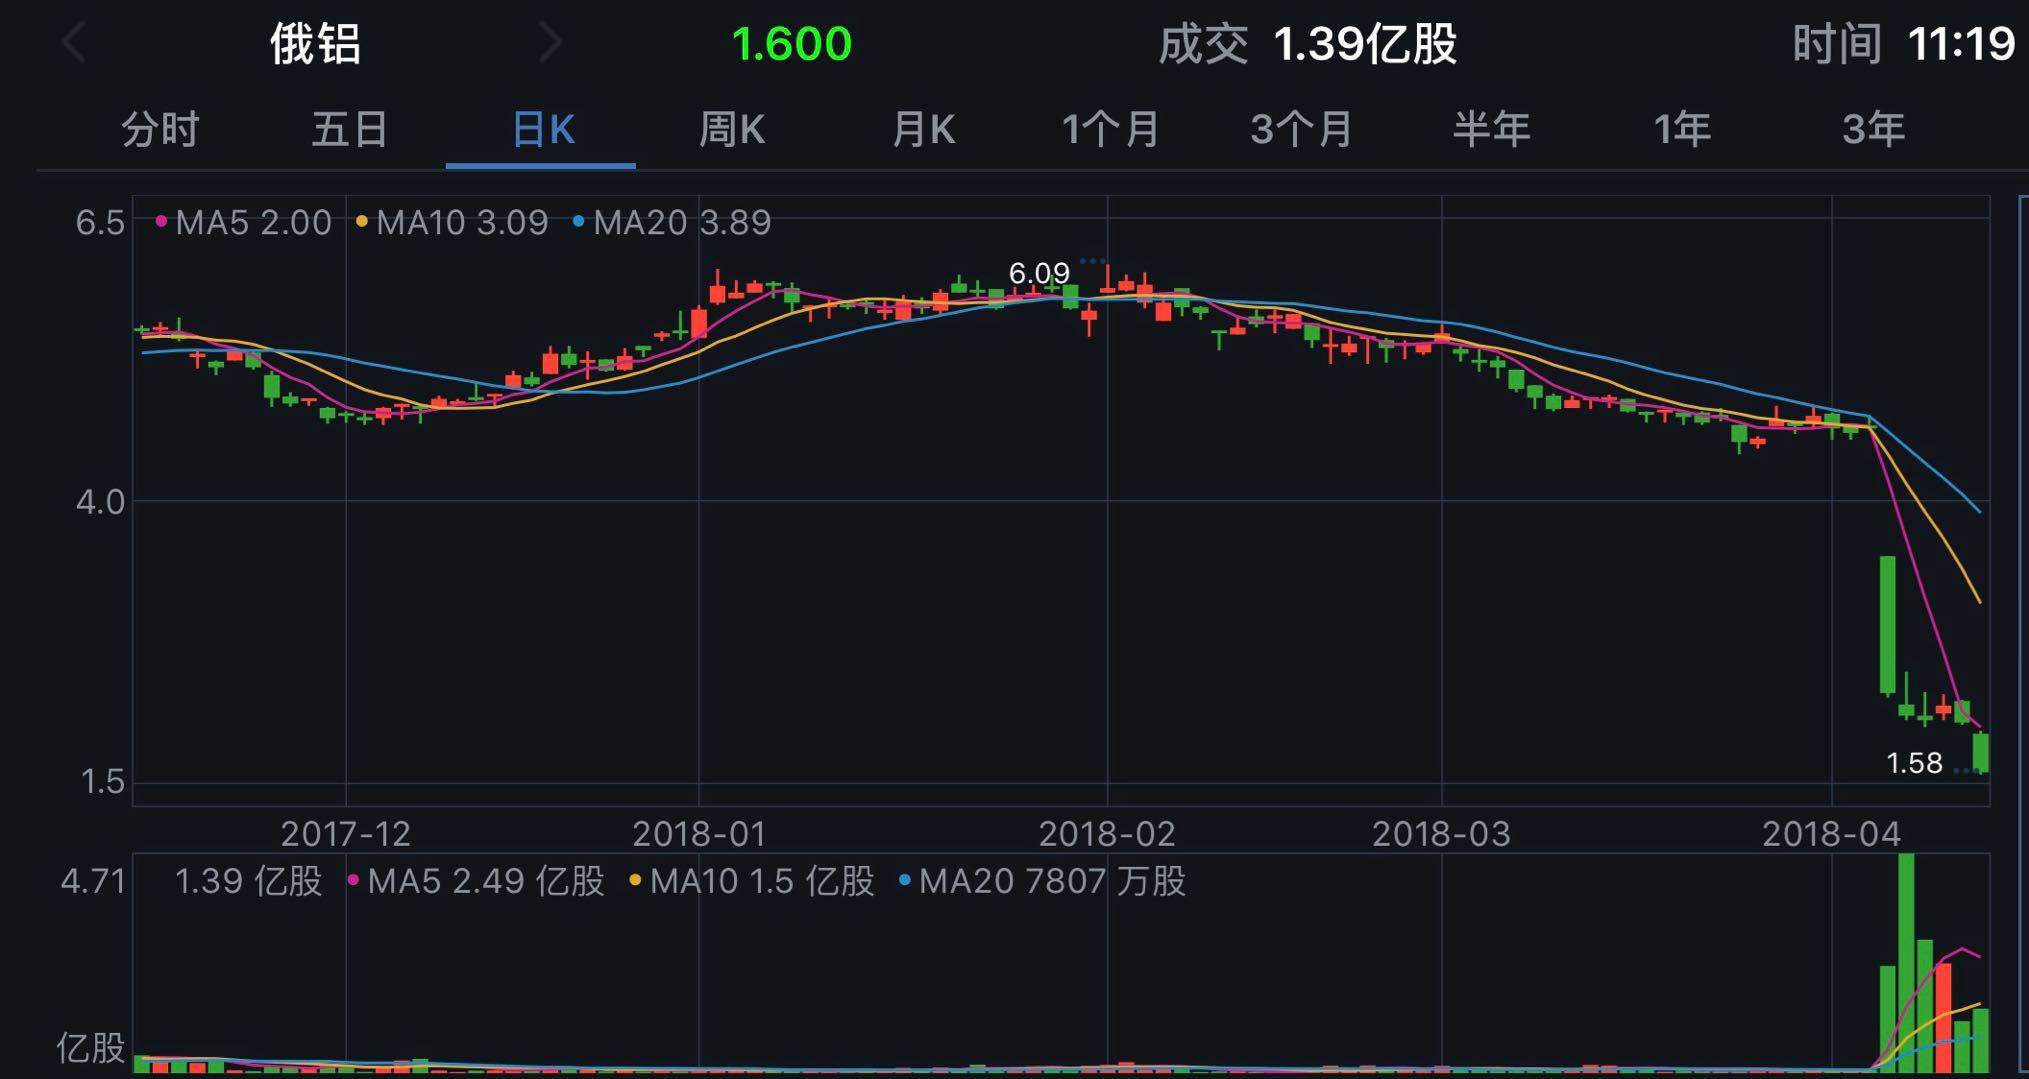 皇家彩票网官方网站:地缘威胁下全球市场分化,A股港股下挫另有原因